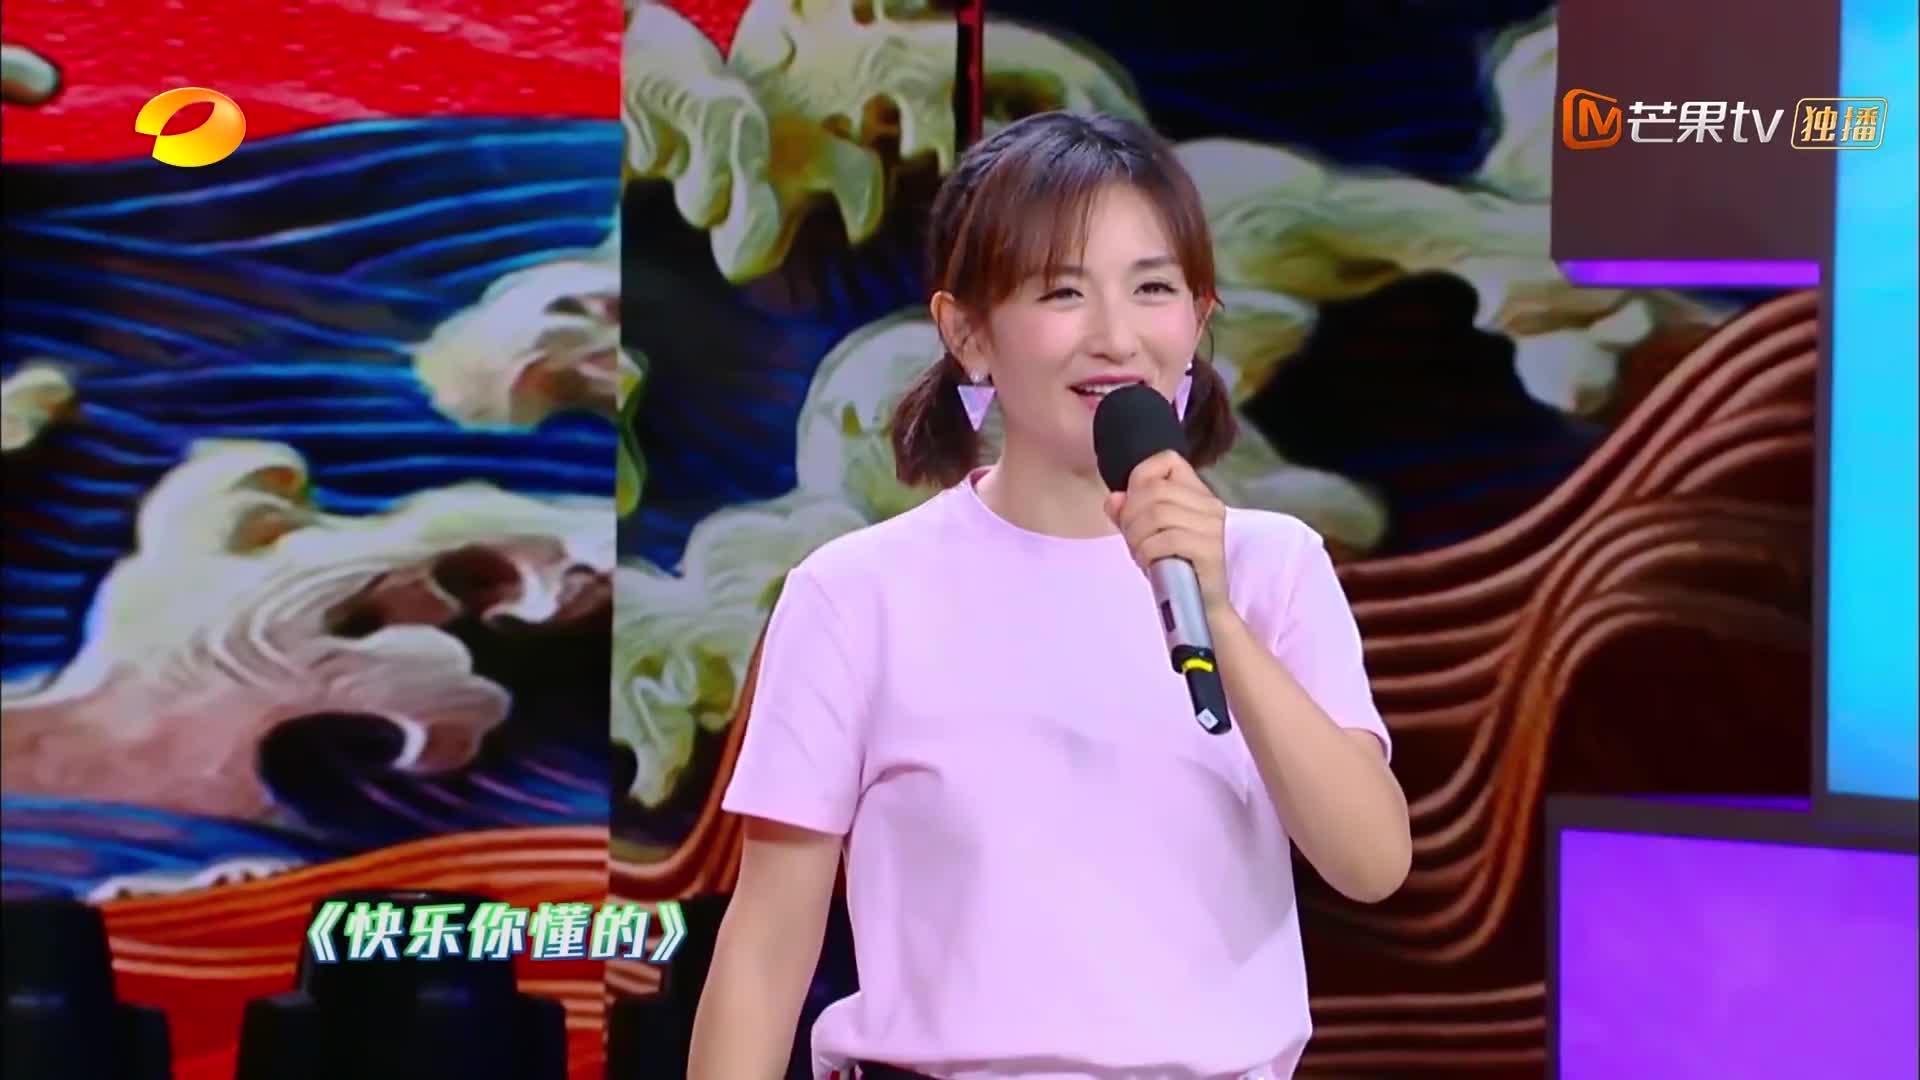 快乐大本营:杜海涛真是胆肥了,谢娜都敢亲?沈梦辰提不动刀了?